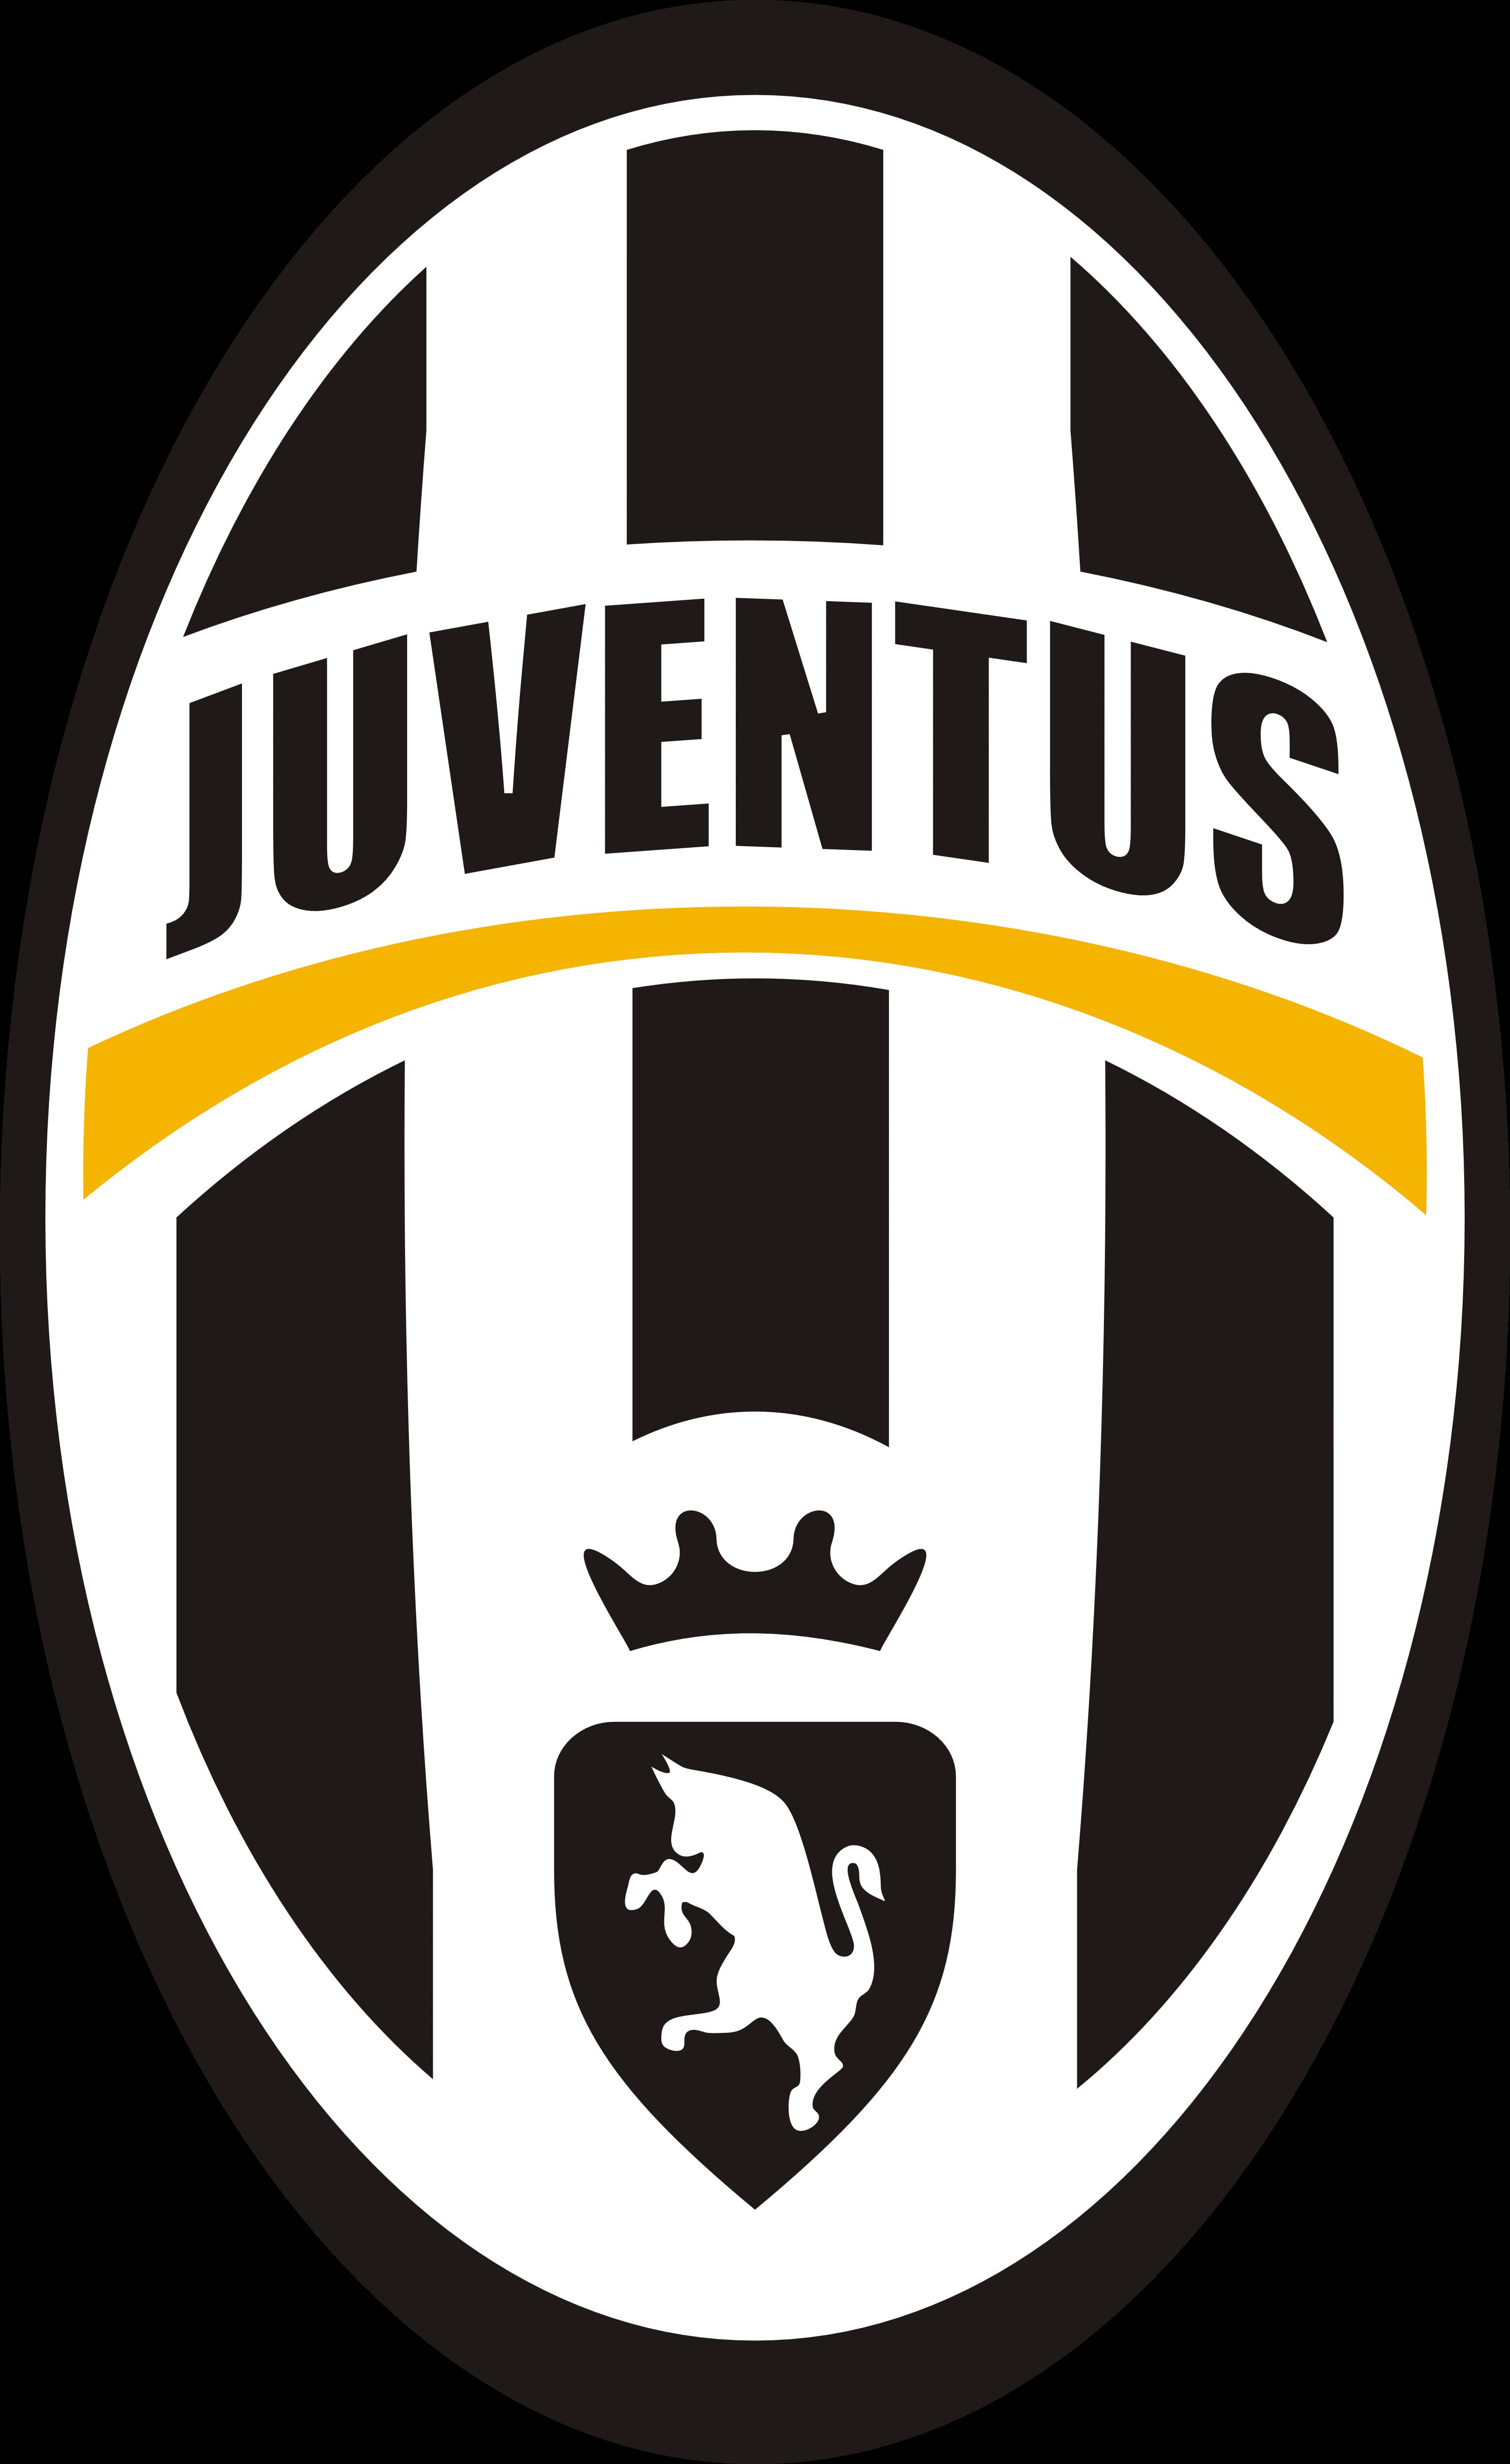 Juventus Fc Logos Download